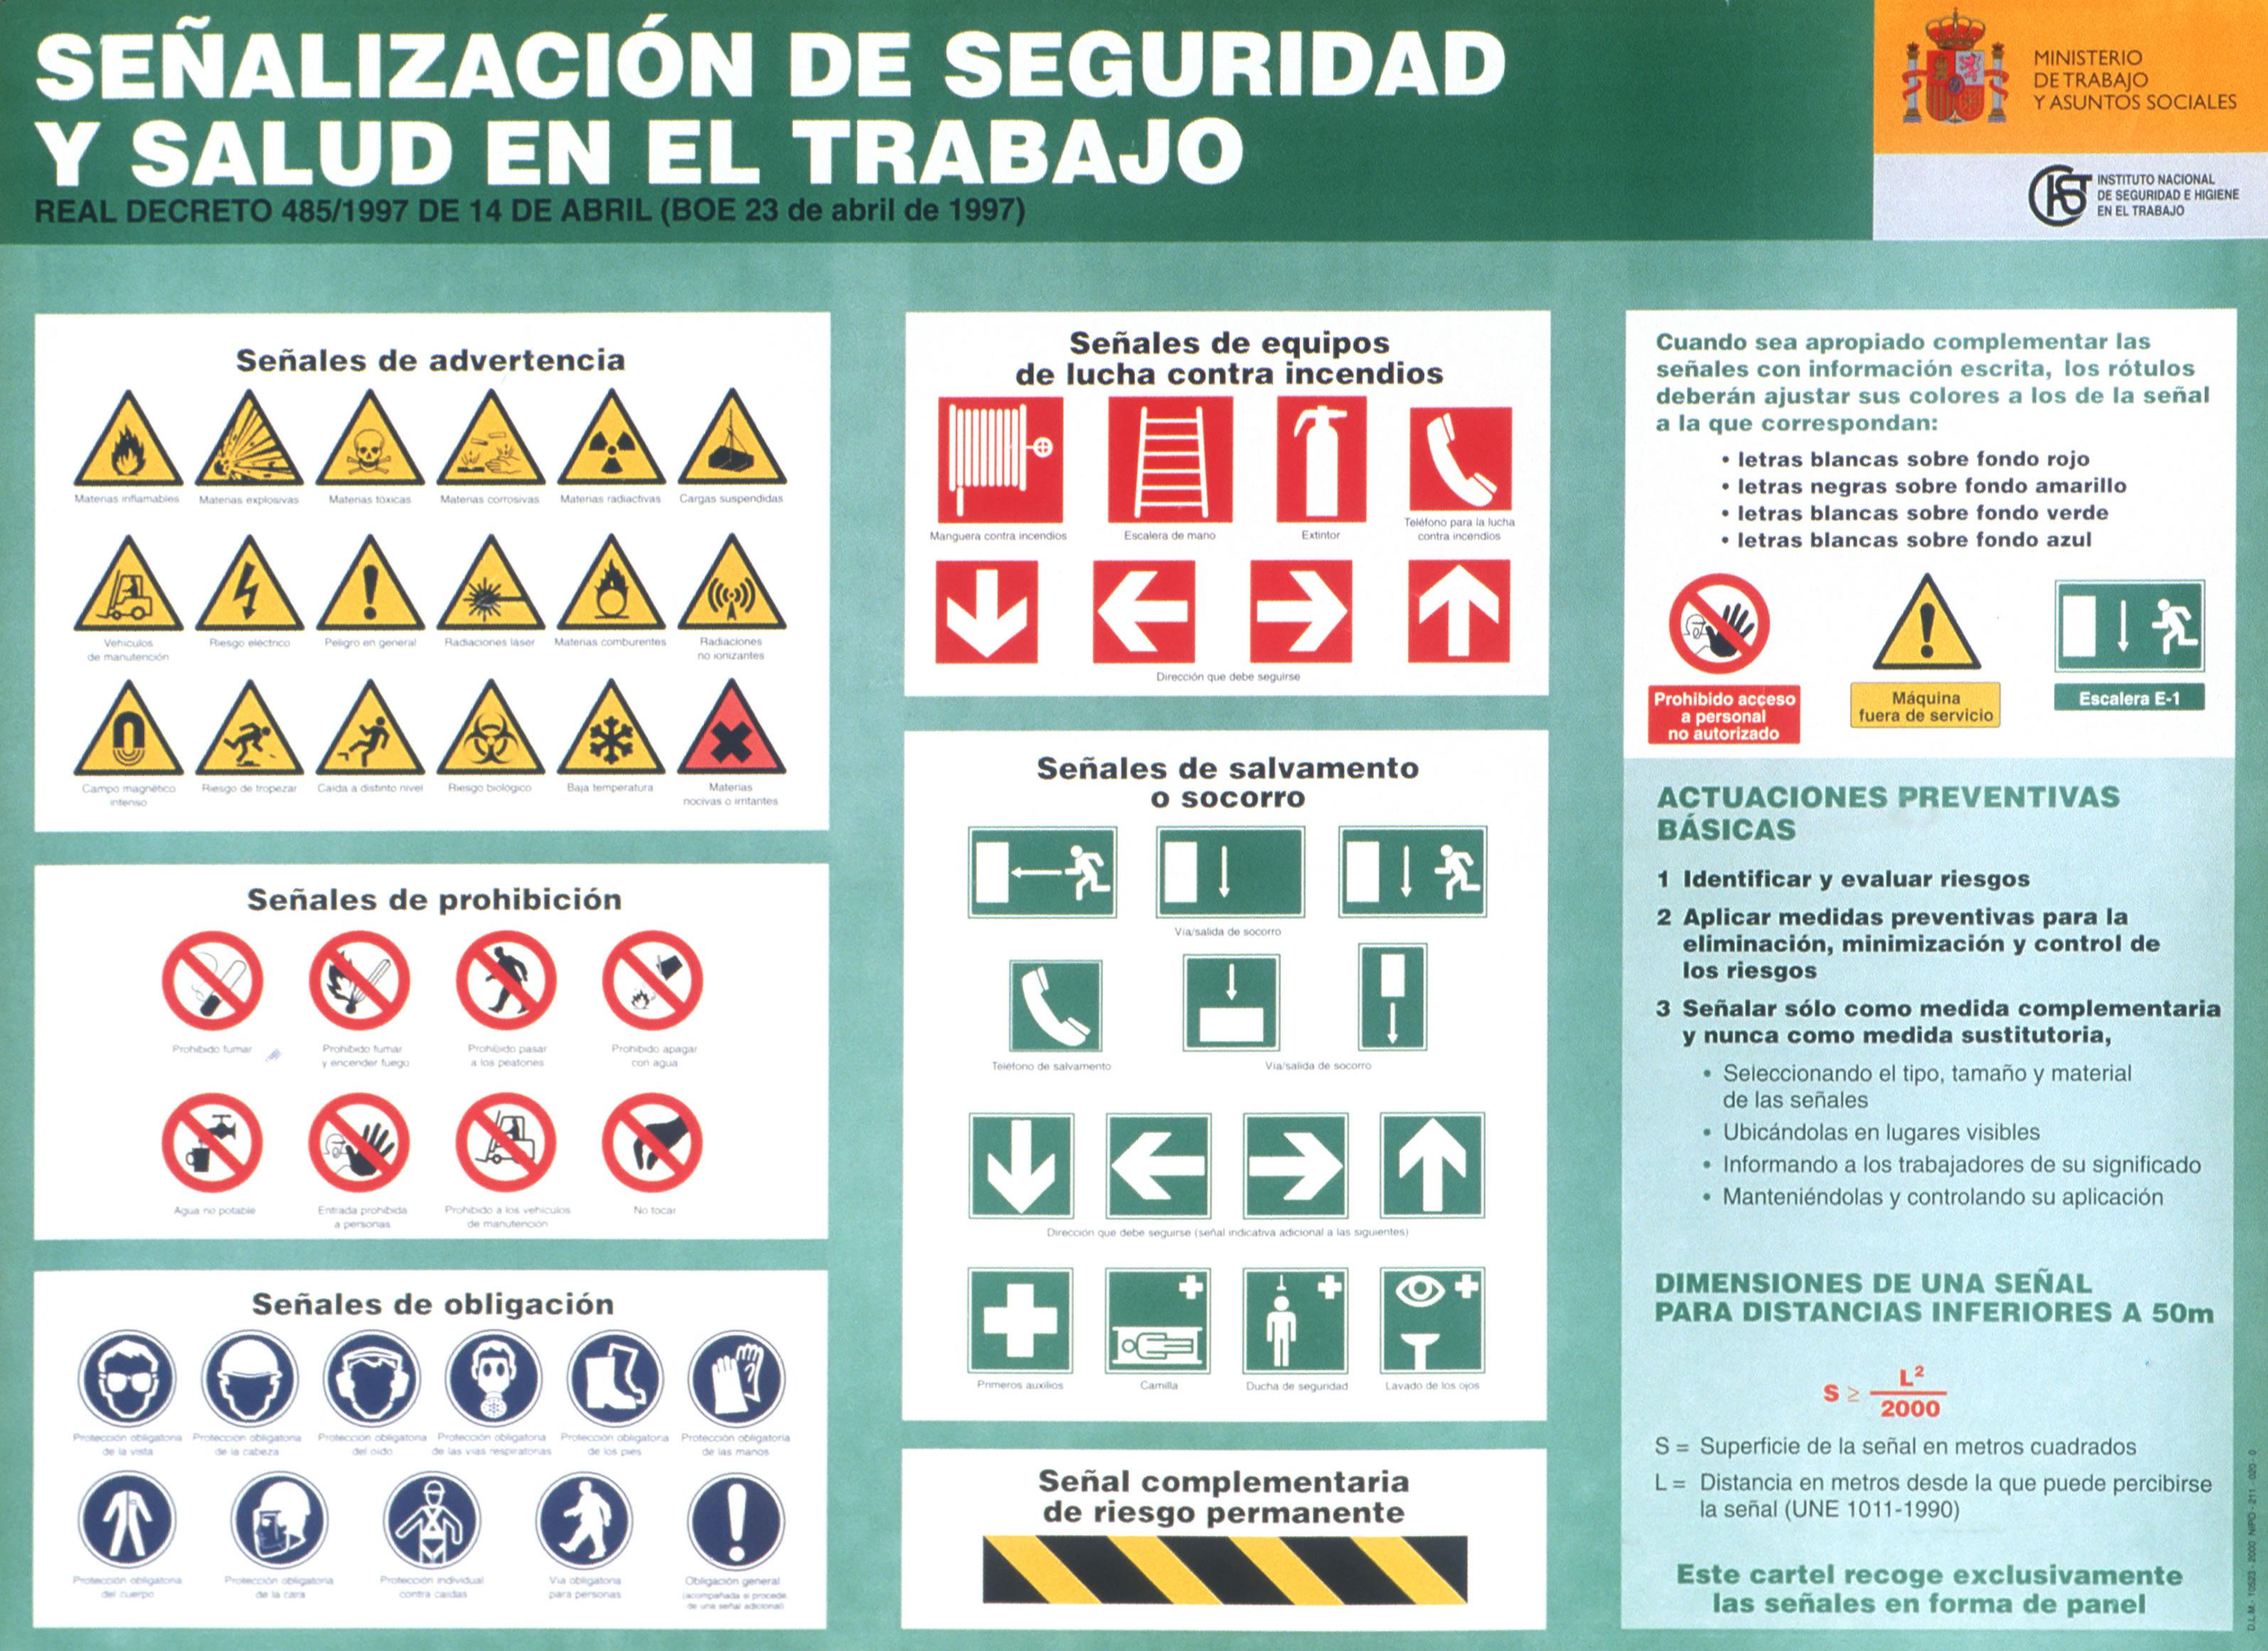 Señalización de seguridad en los centros de trabajo - Año 2000